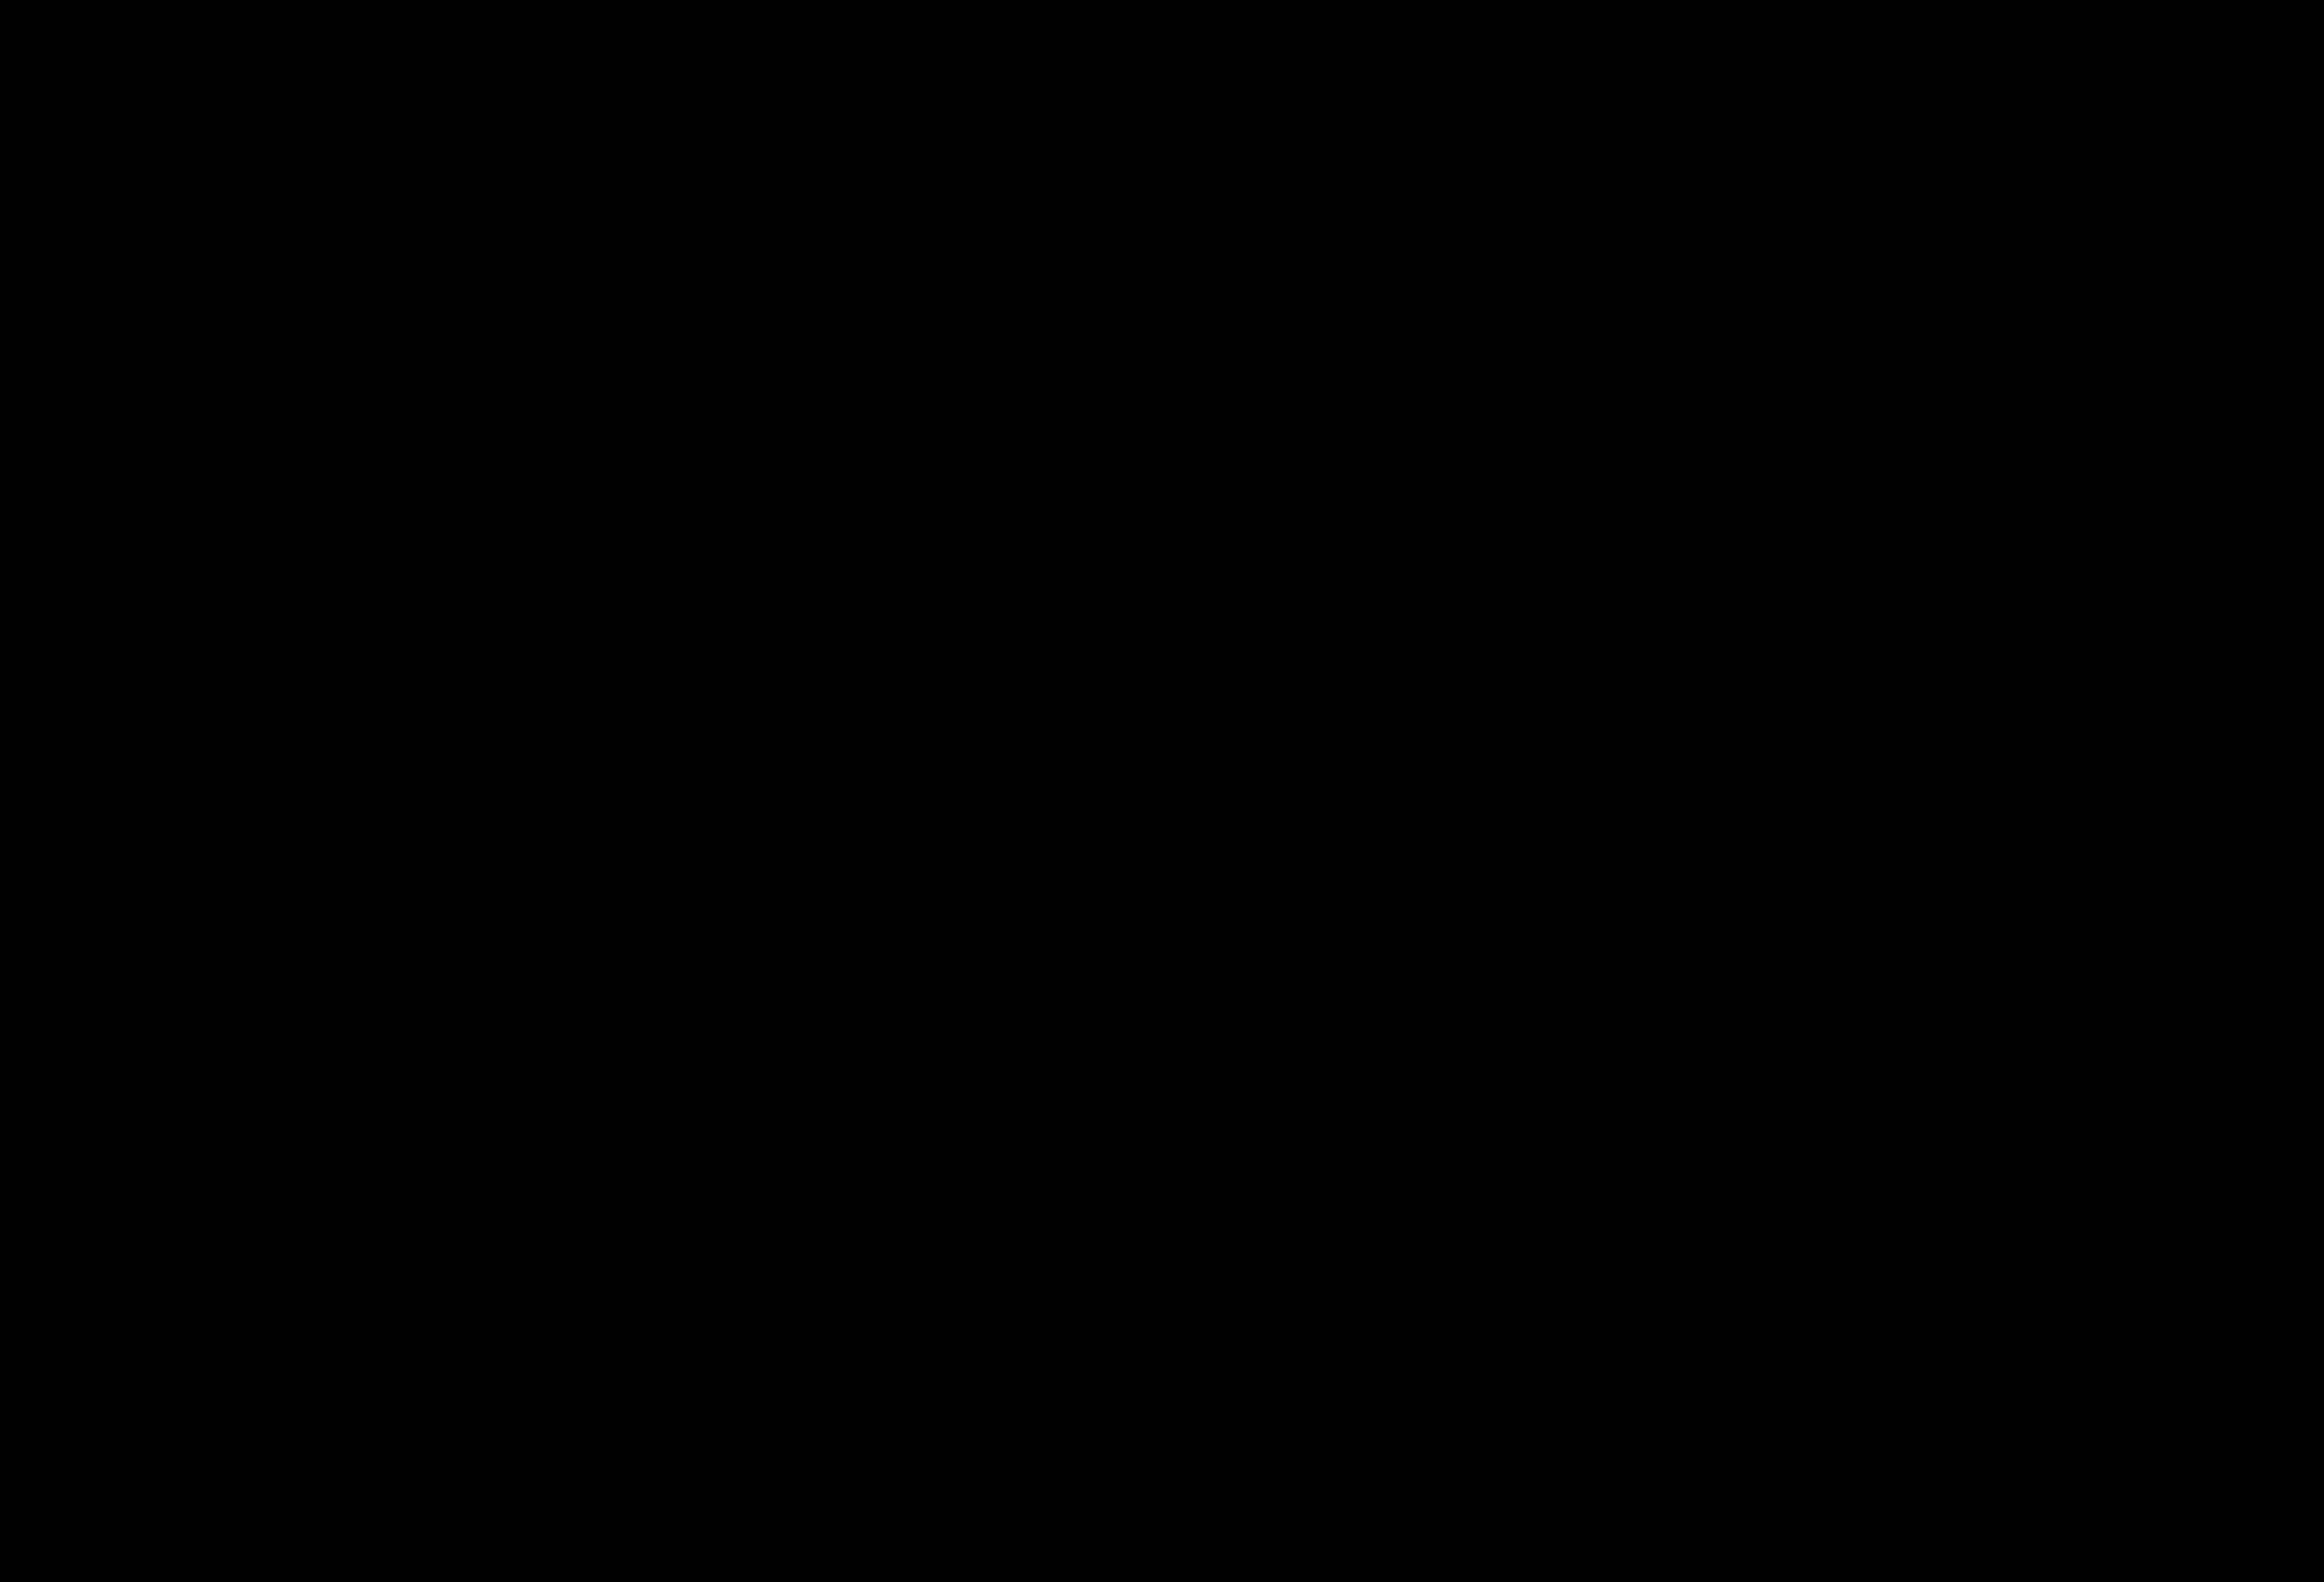 6 Grunge Brush Stroke Rectangle Frame (PNG Transparent) | OnlyGFX.com